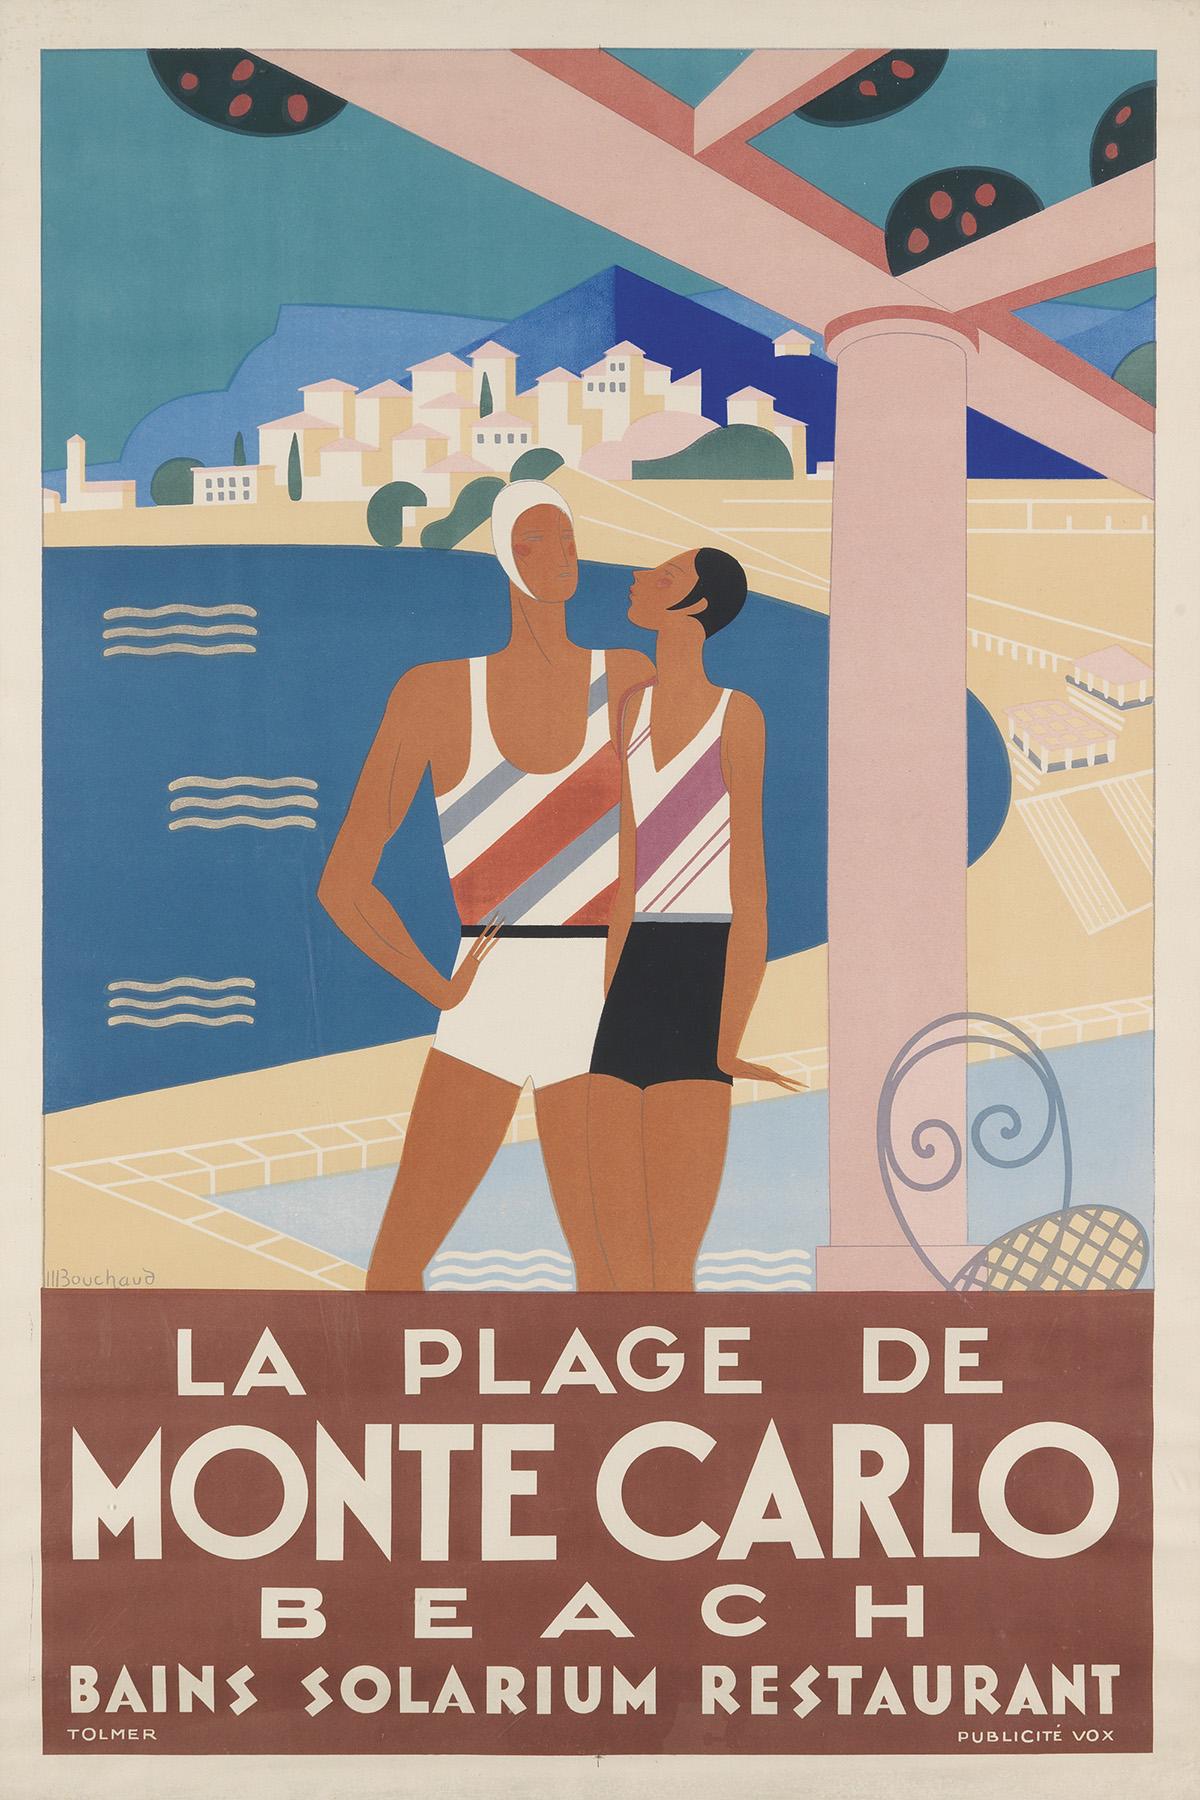 MICHEL BOUCHAUD (DATES UNKNOWN).  LA PLAGE DE MONTE CARLO. 1929. 47x31½ inches, 119½x80 cm. Publicité Vox, Paris.